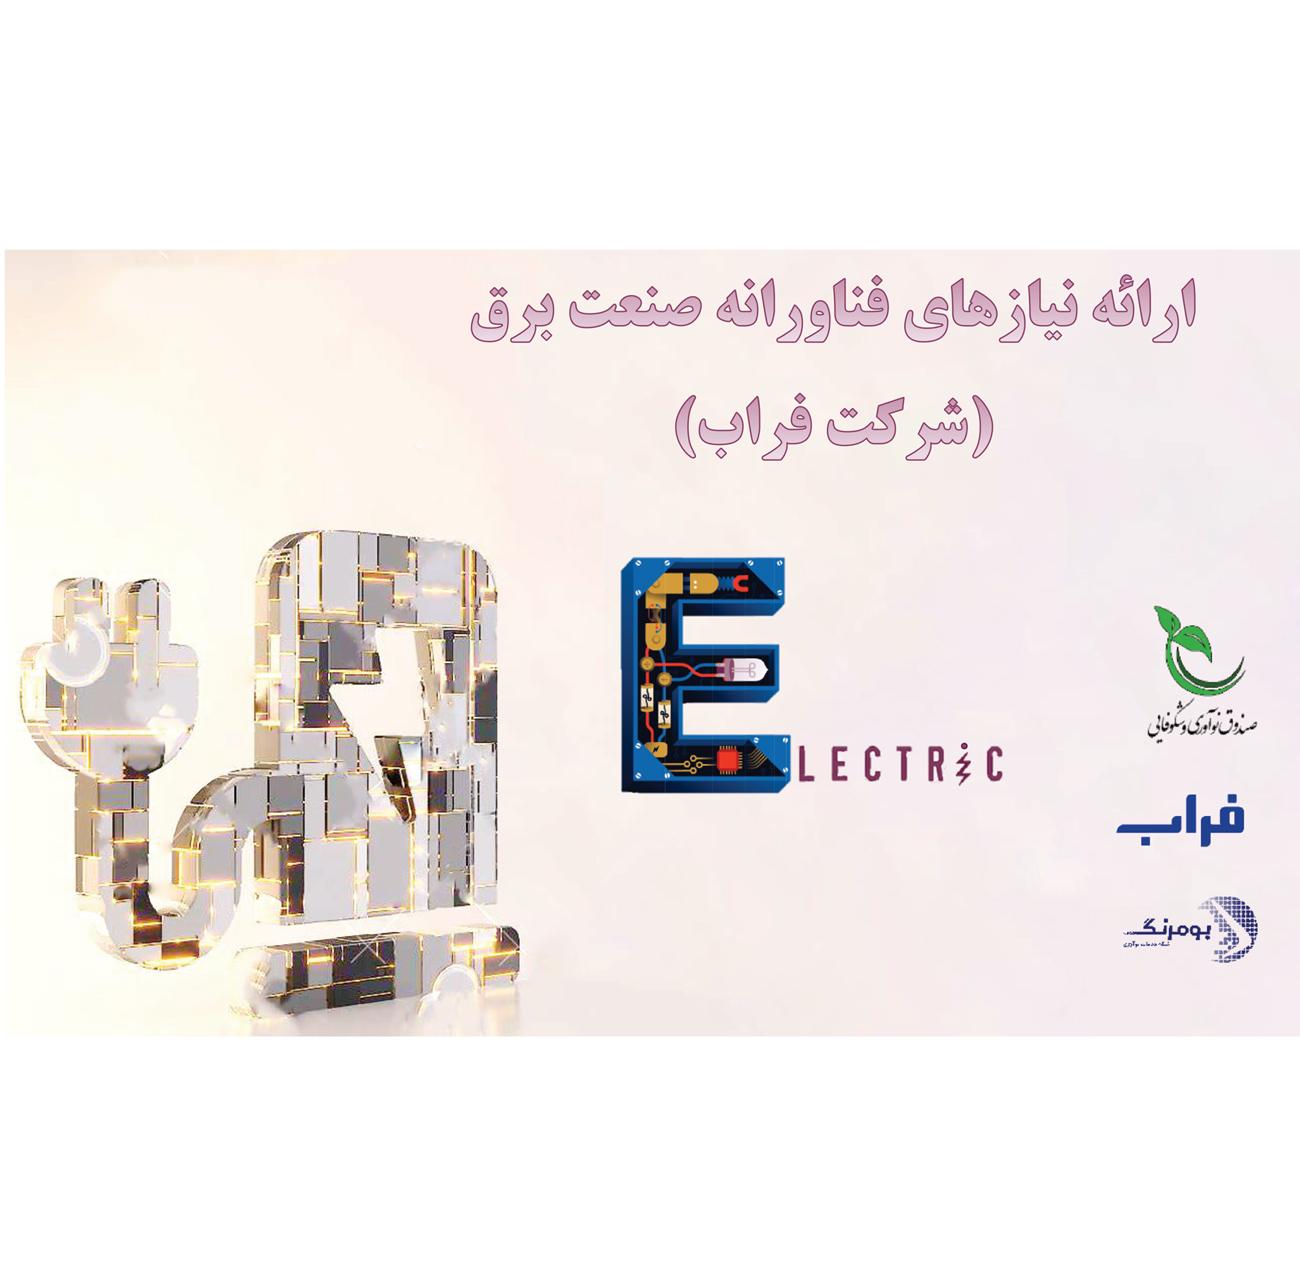 نیازهای فناورانه صنعت برق شرکت فراب معرفی شد